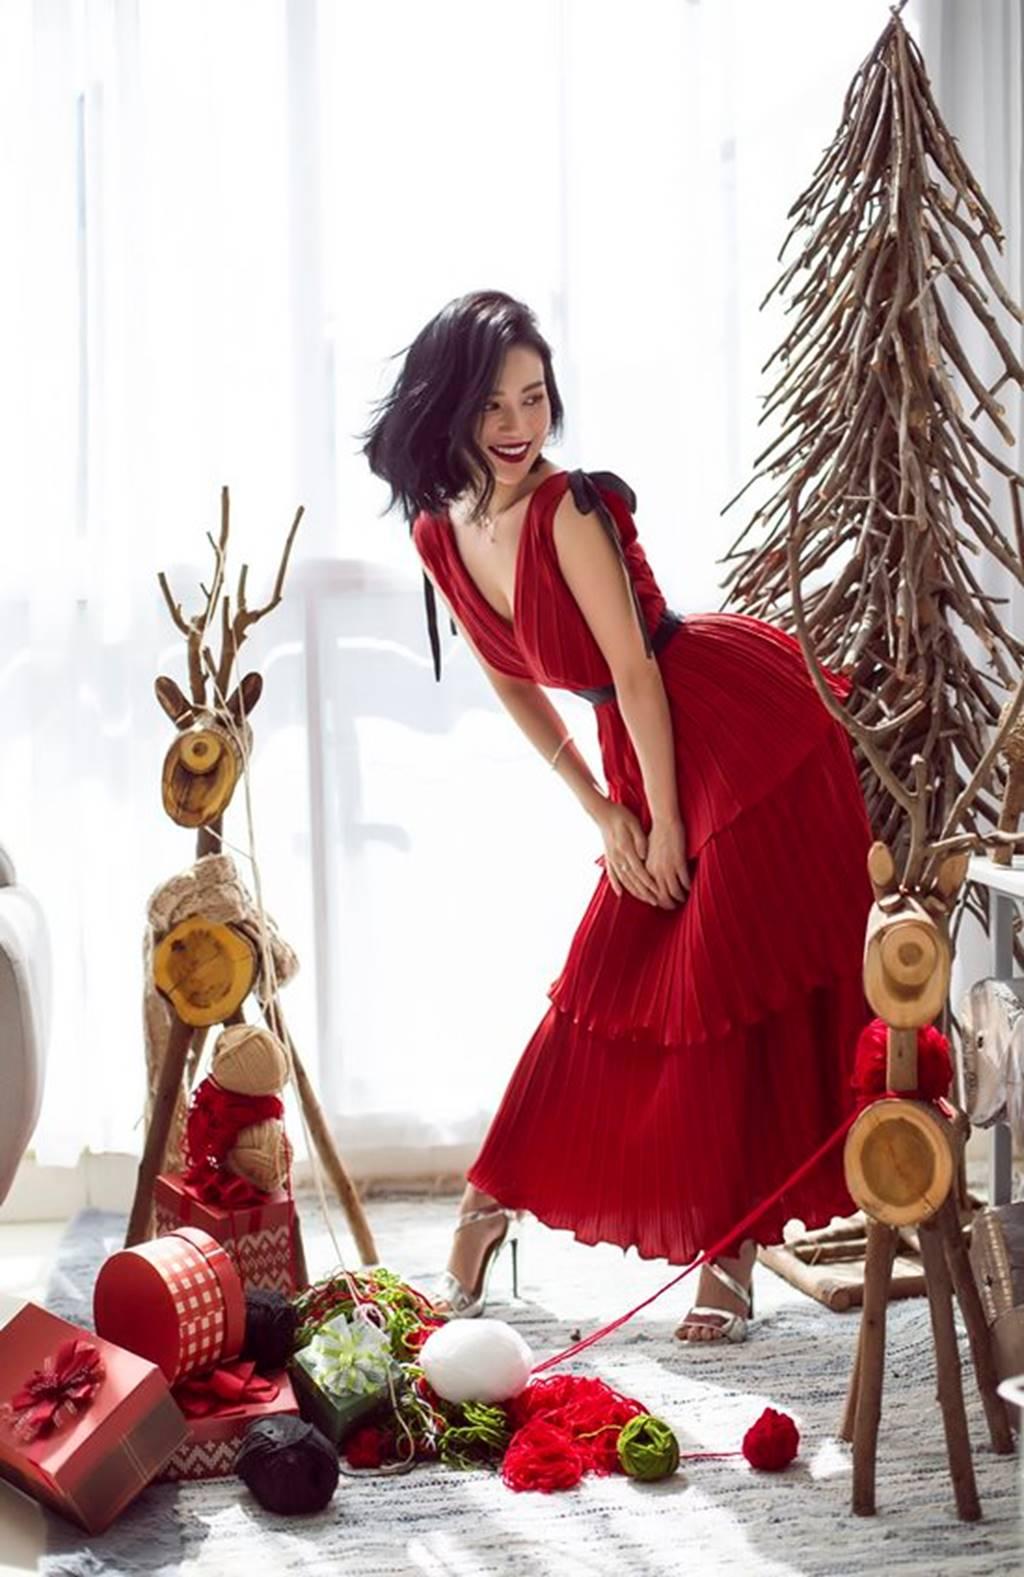 Mặc sexy trong bộ ảnh Giáng sinh, Sĩ Thanh khiến fan chao đảo-2